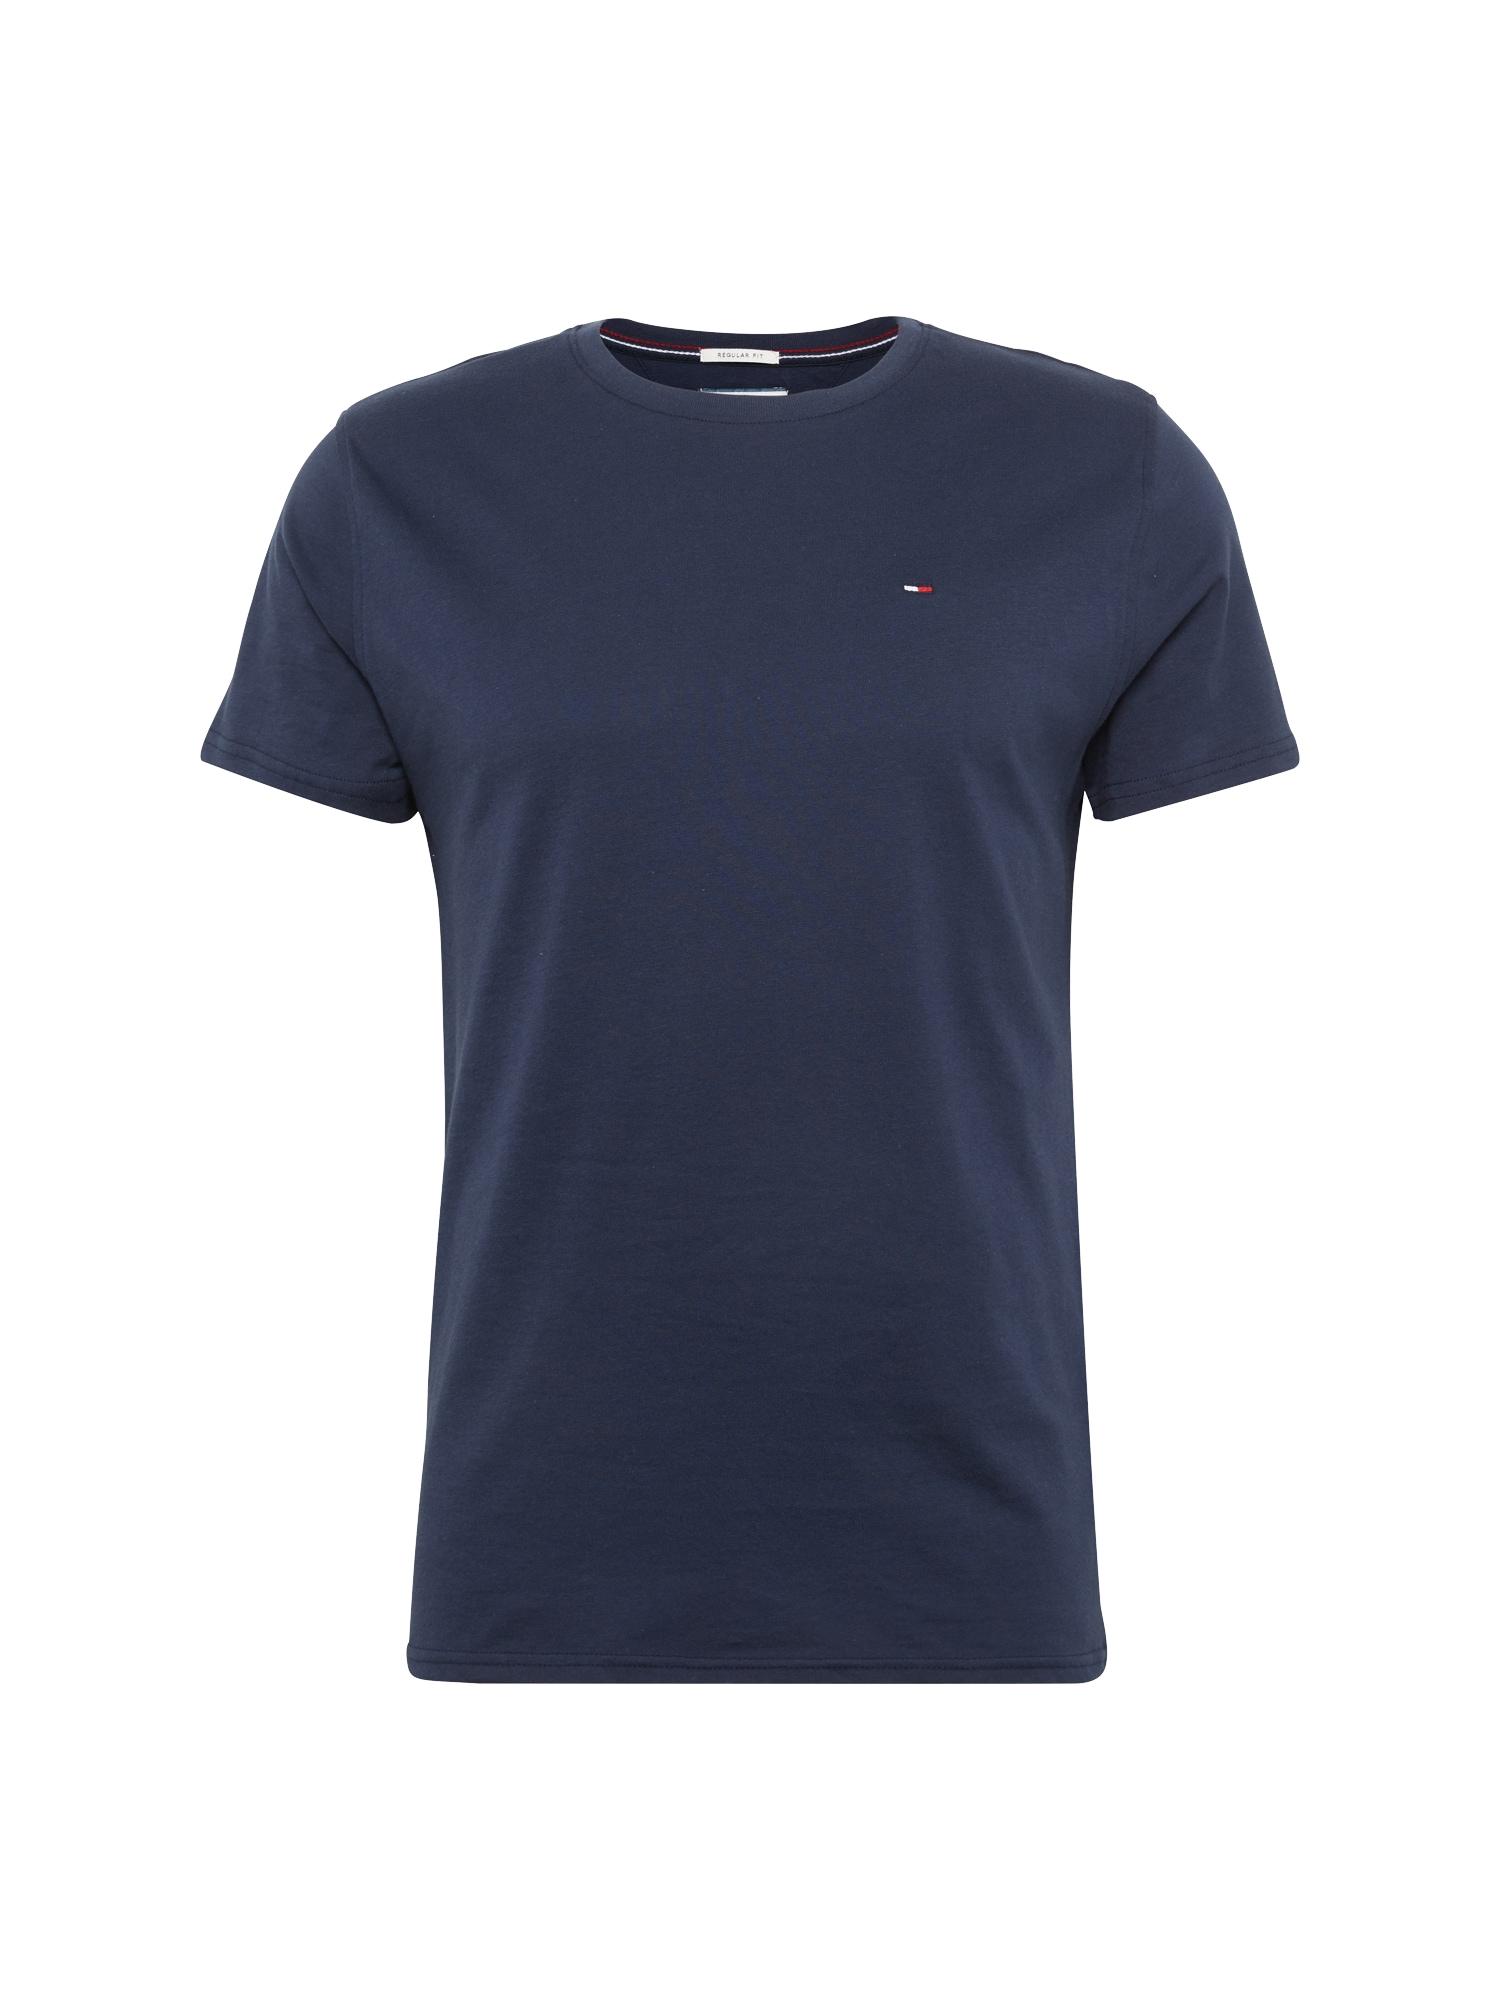 Tričko TJM ORIGINAL JERSEY tmavě modrá Tommy Jeans